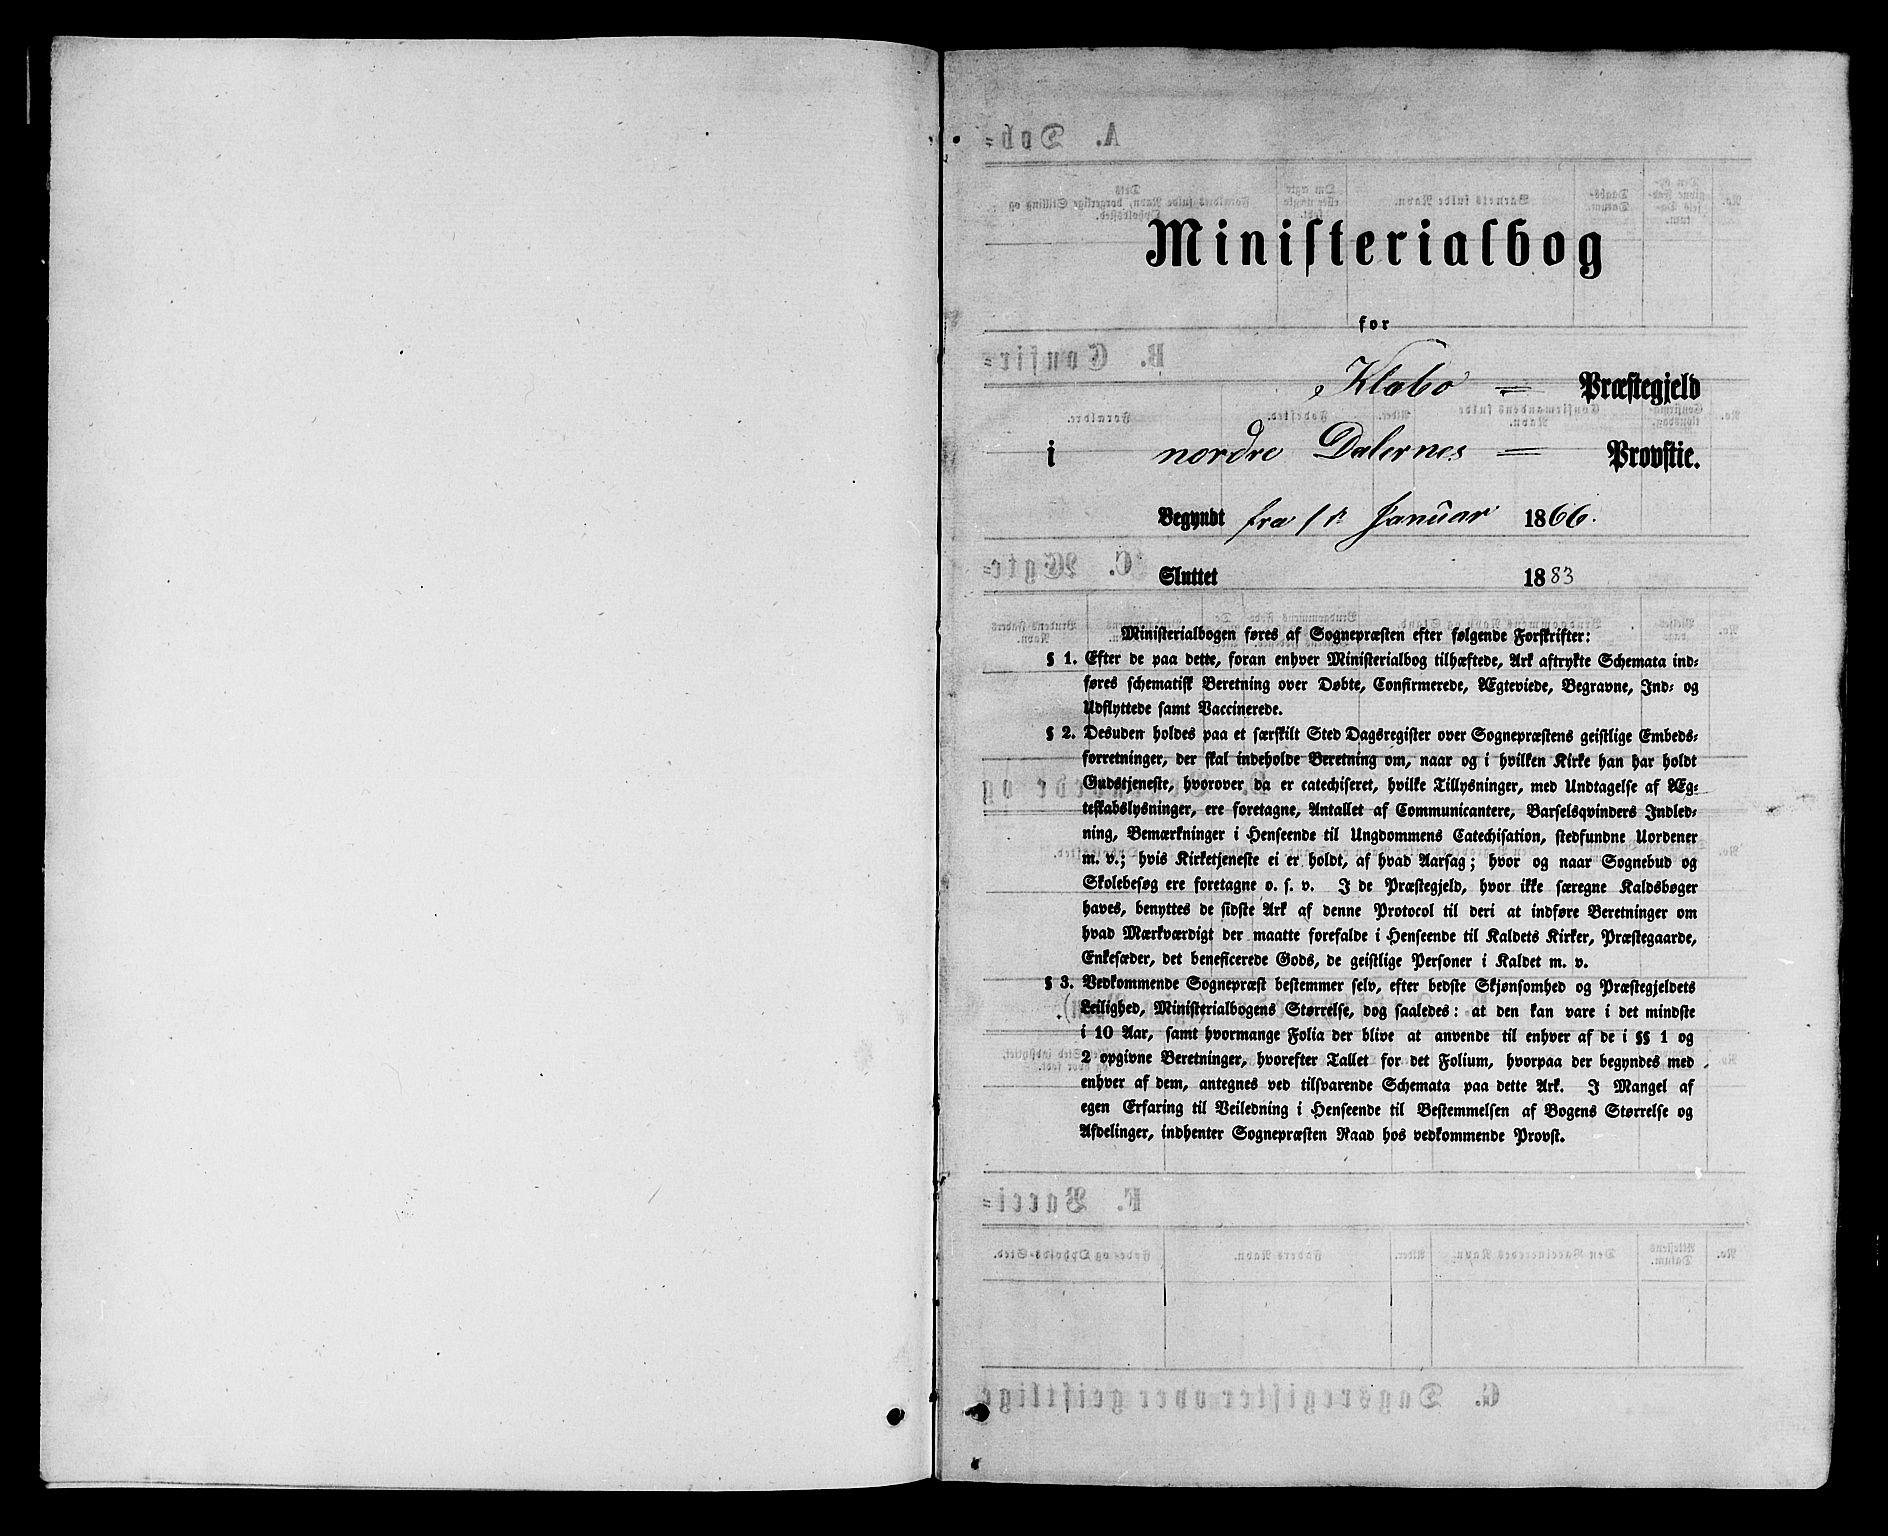 SAT, Ministerialprotokoller, klokkerbøker og fødselsregistre - Sør-Trøndelag, 618/L0451: Klokkerbok nr. 618C02, 1865-1883